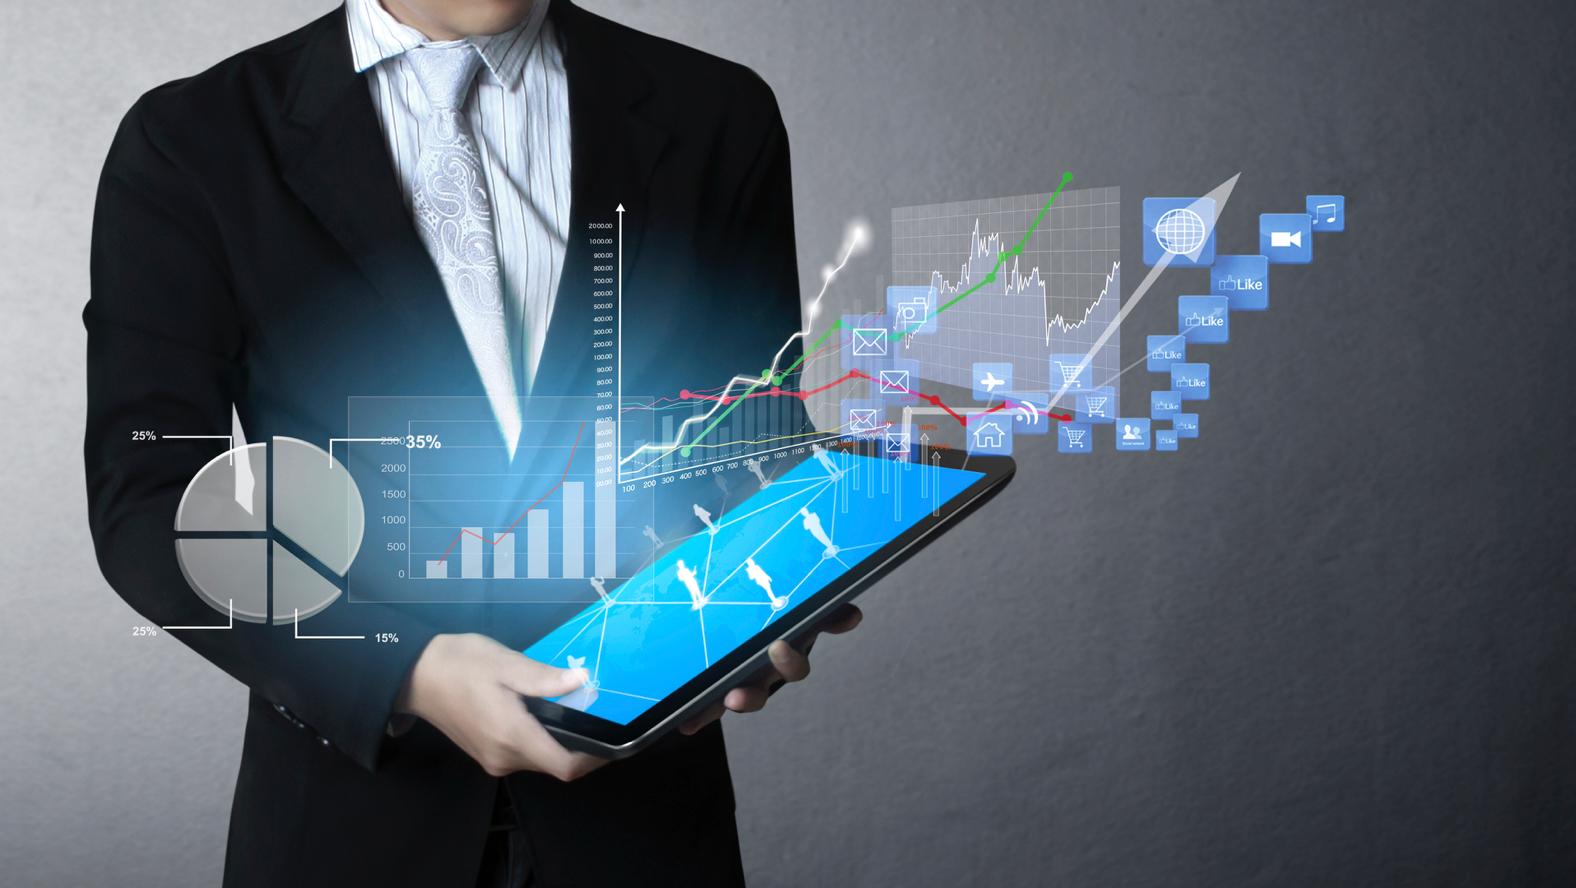 دانلود نرم افزار حسابداری رایگان شرکتی 3 دانلود نرم افزار حسابداری رایگان شرکتی